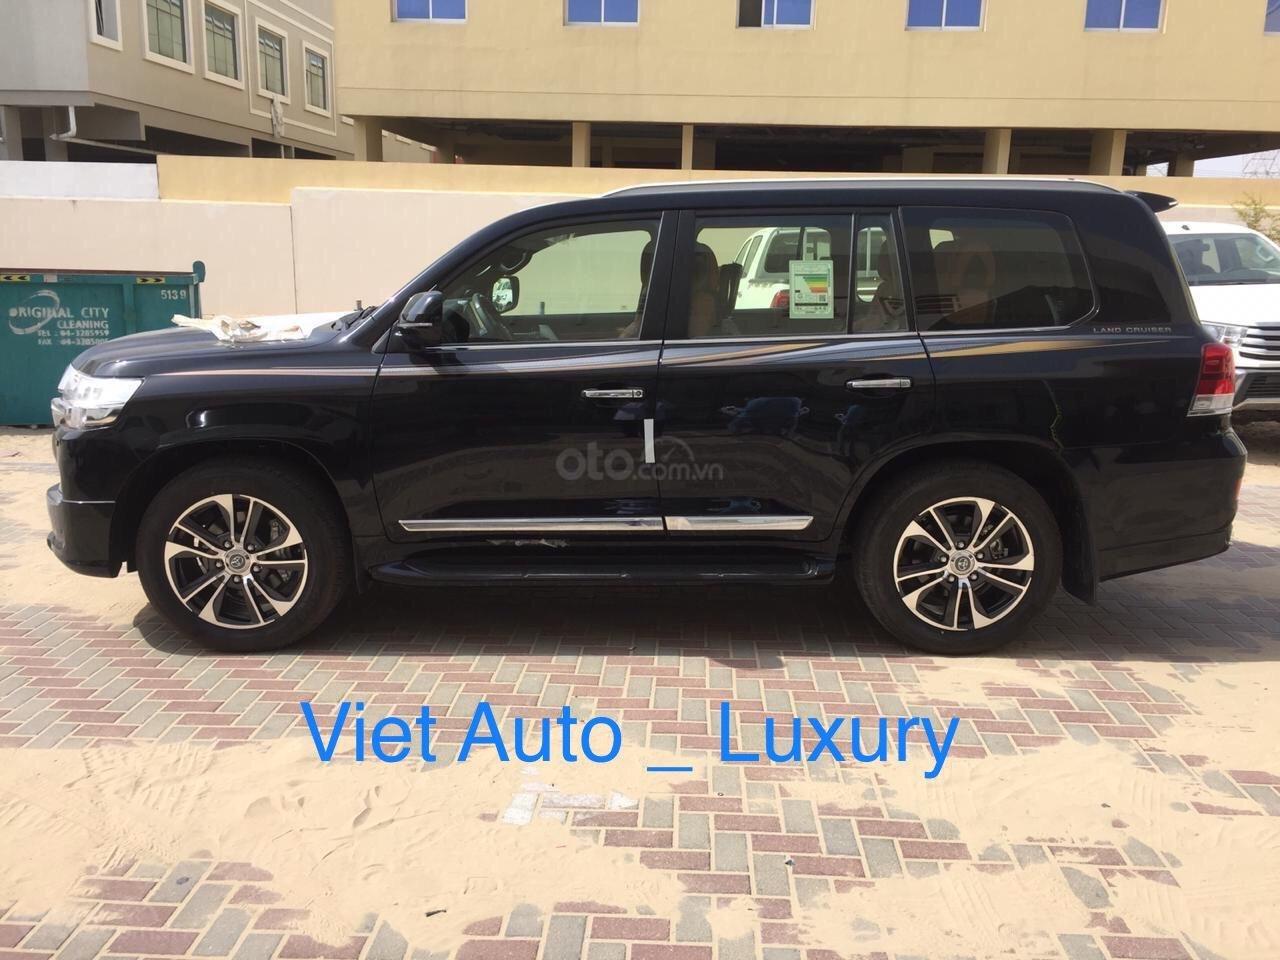 [Việt Auto Luxury] Toyota LandCruizer VXS phiên bản 4 chỗ và 8 chỗ. Nhập khẩu mới 100%, hỗ trợ giảm tiền mặt 100tr (3)